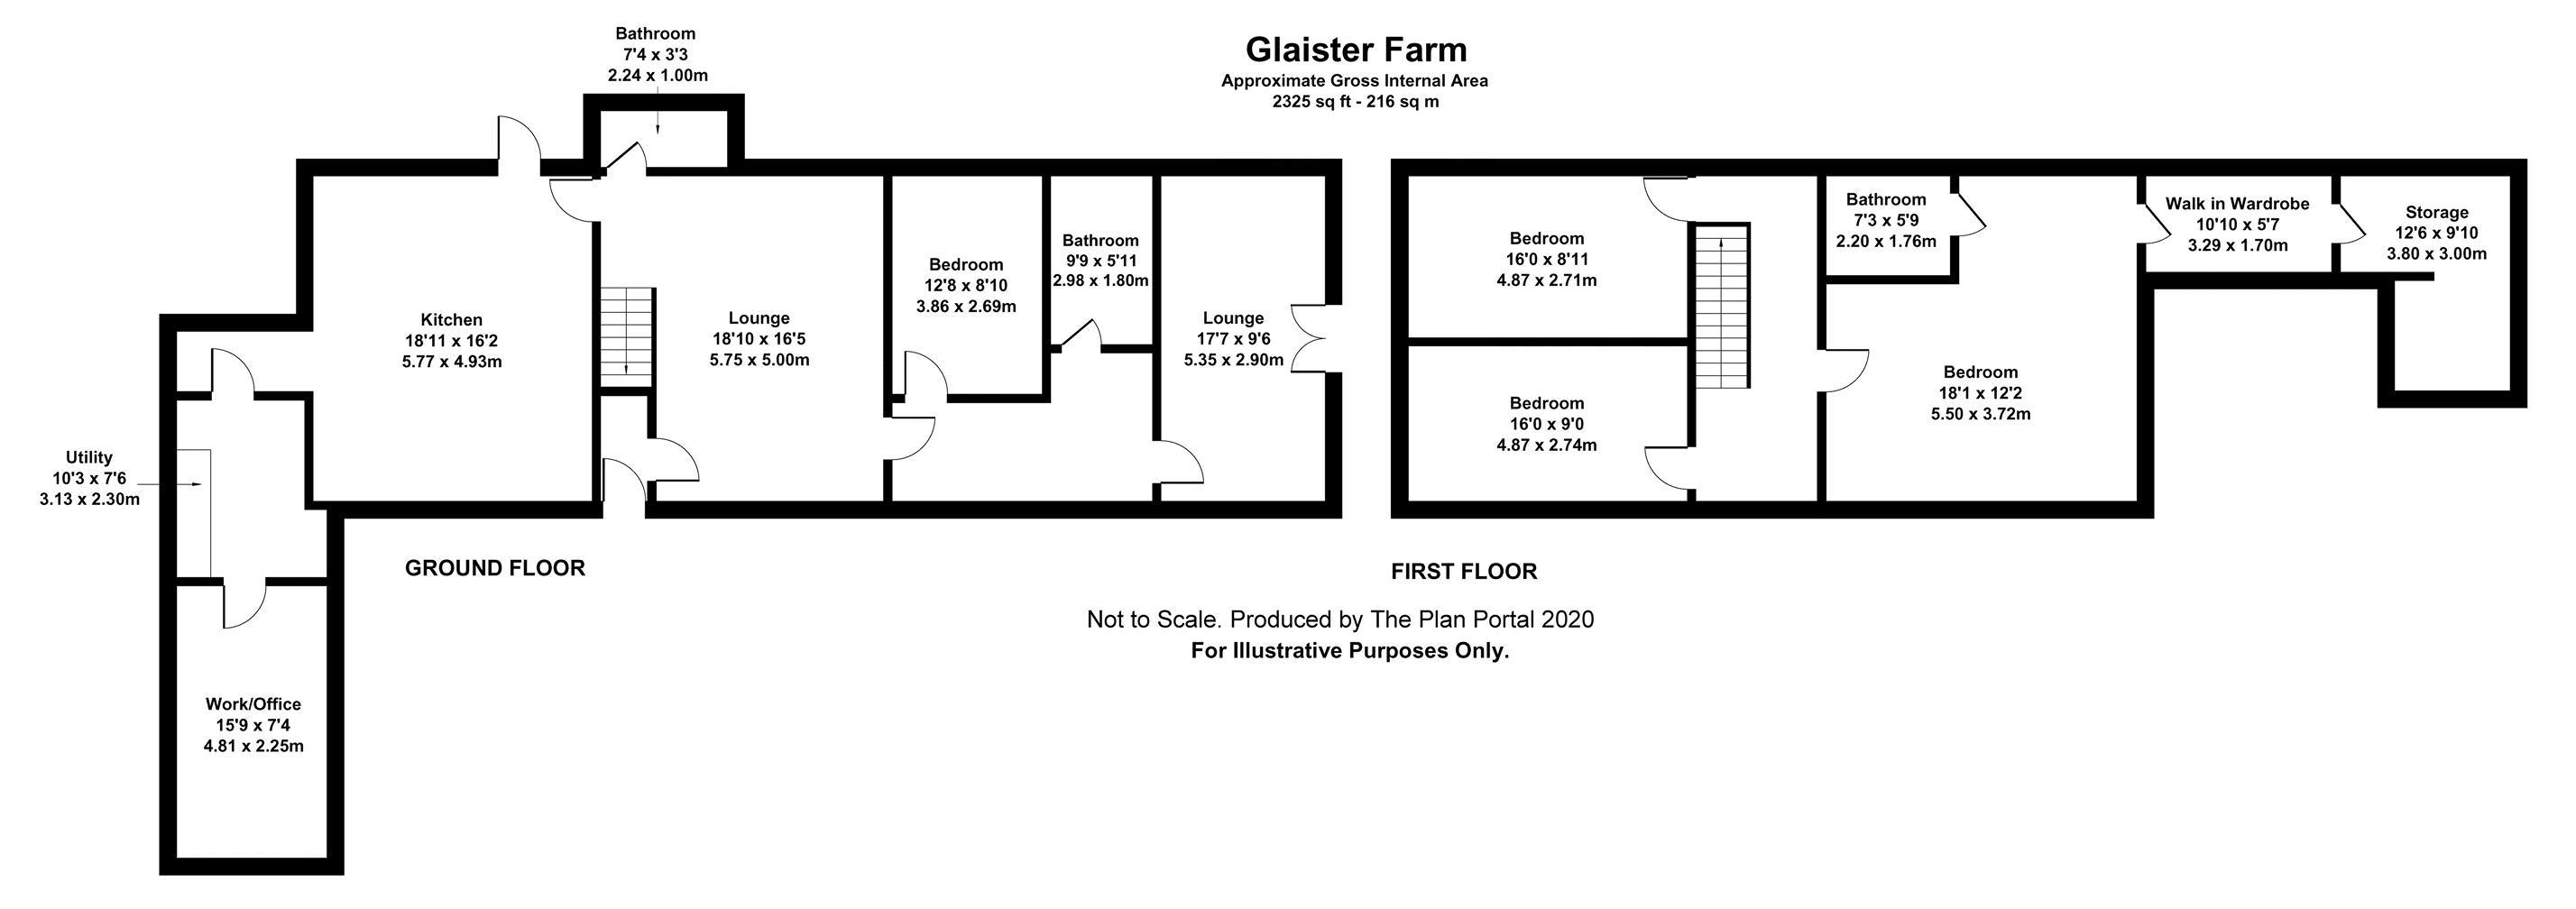 Glaister